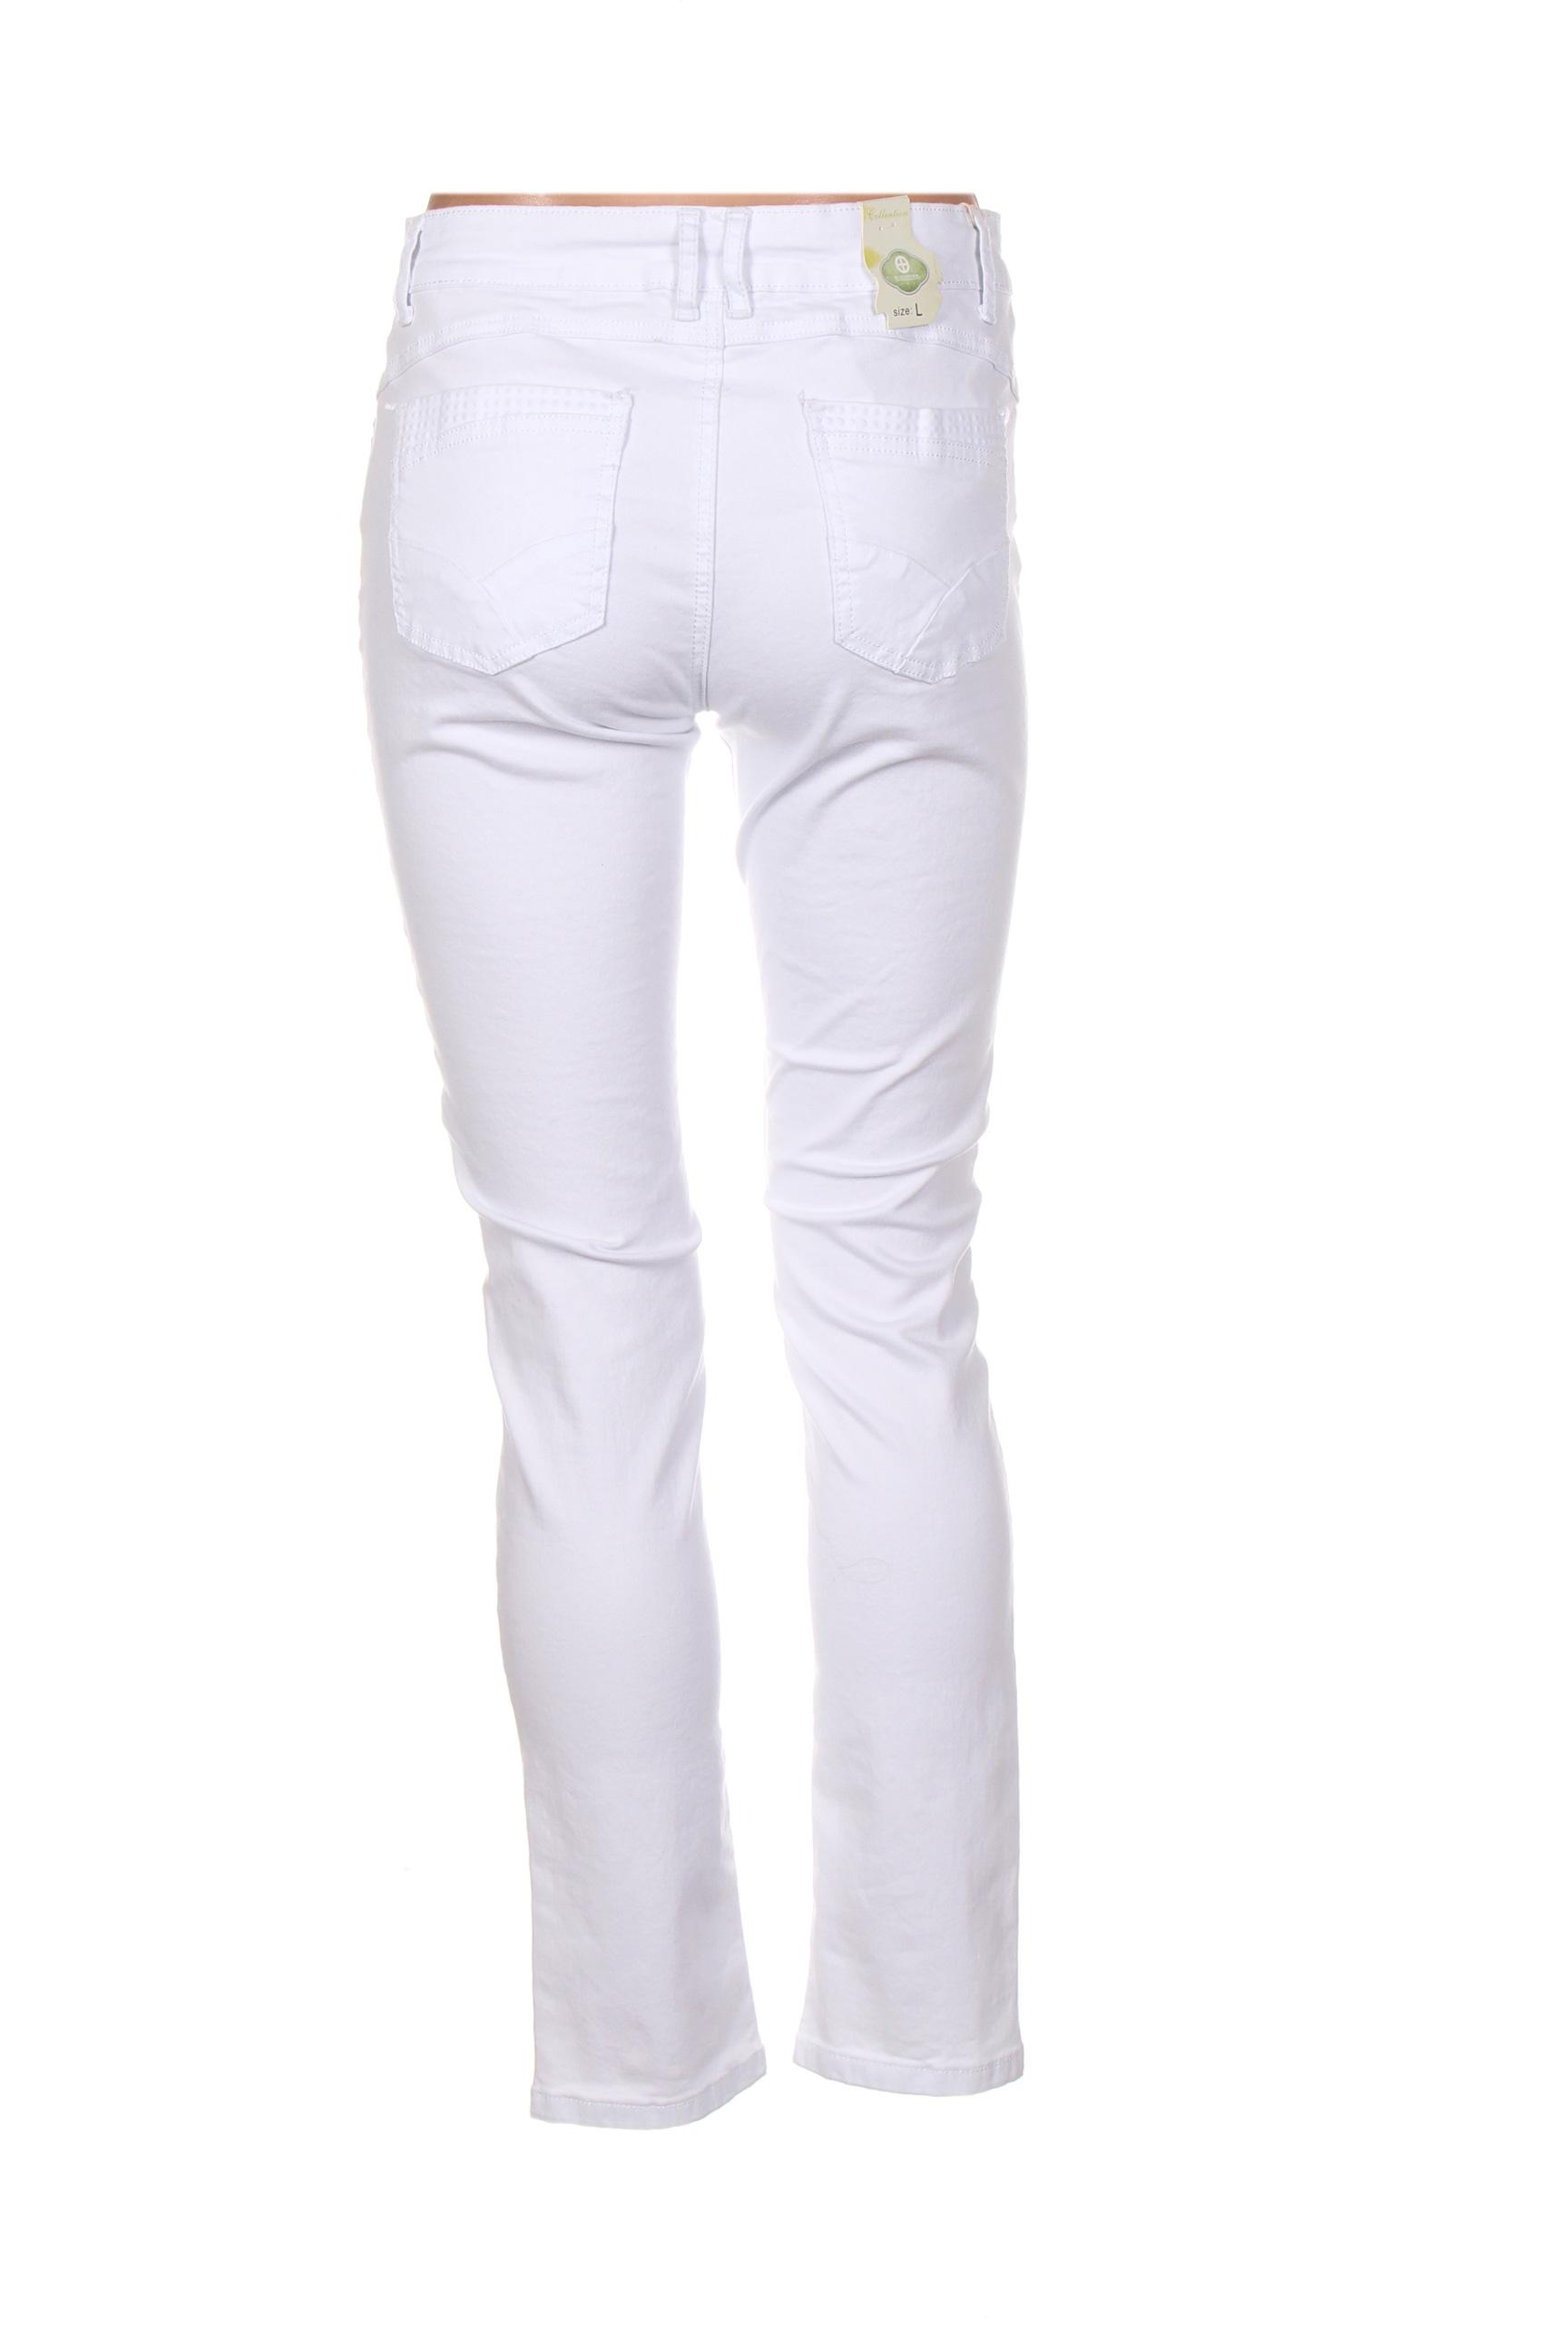 Onado Jeans Coupe Slim Femme De Couleur Blanc En Soldes Pas Cher 1275220-blanc0